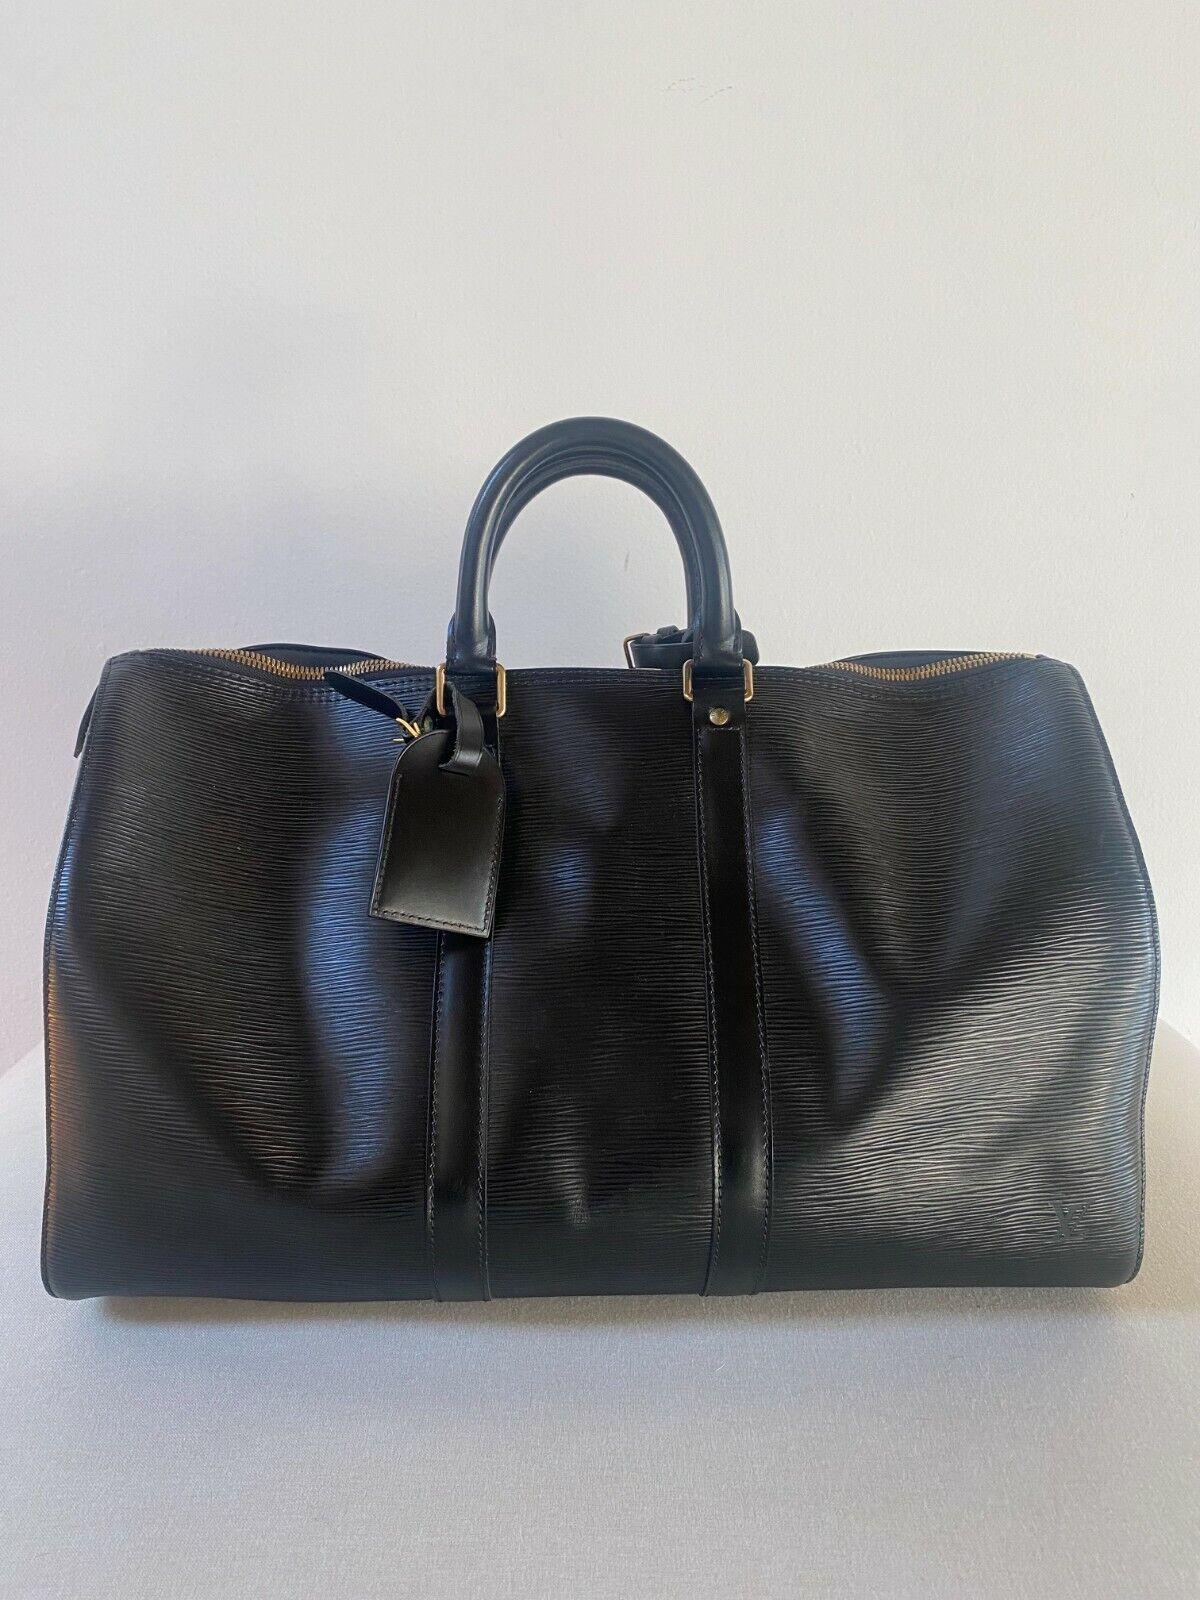 Louis Vuitton Keepall Bag Epi Leather 45 - $695.00